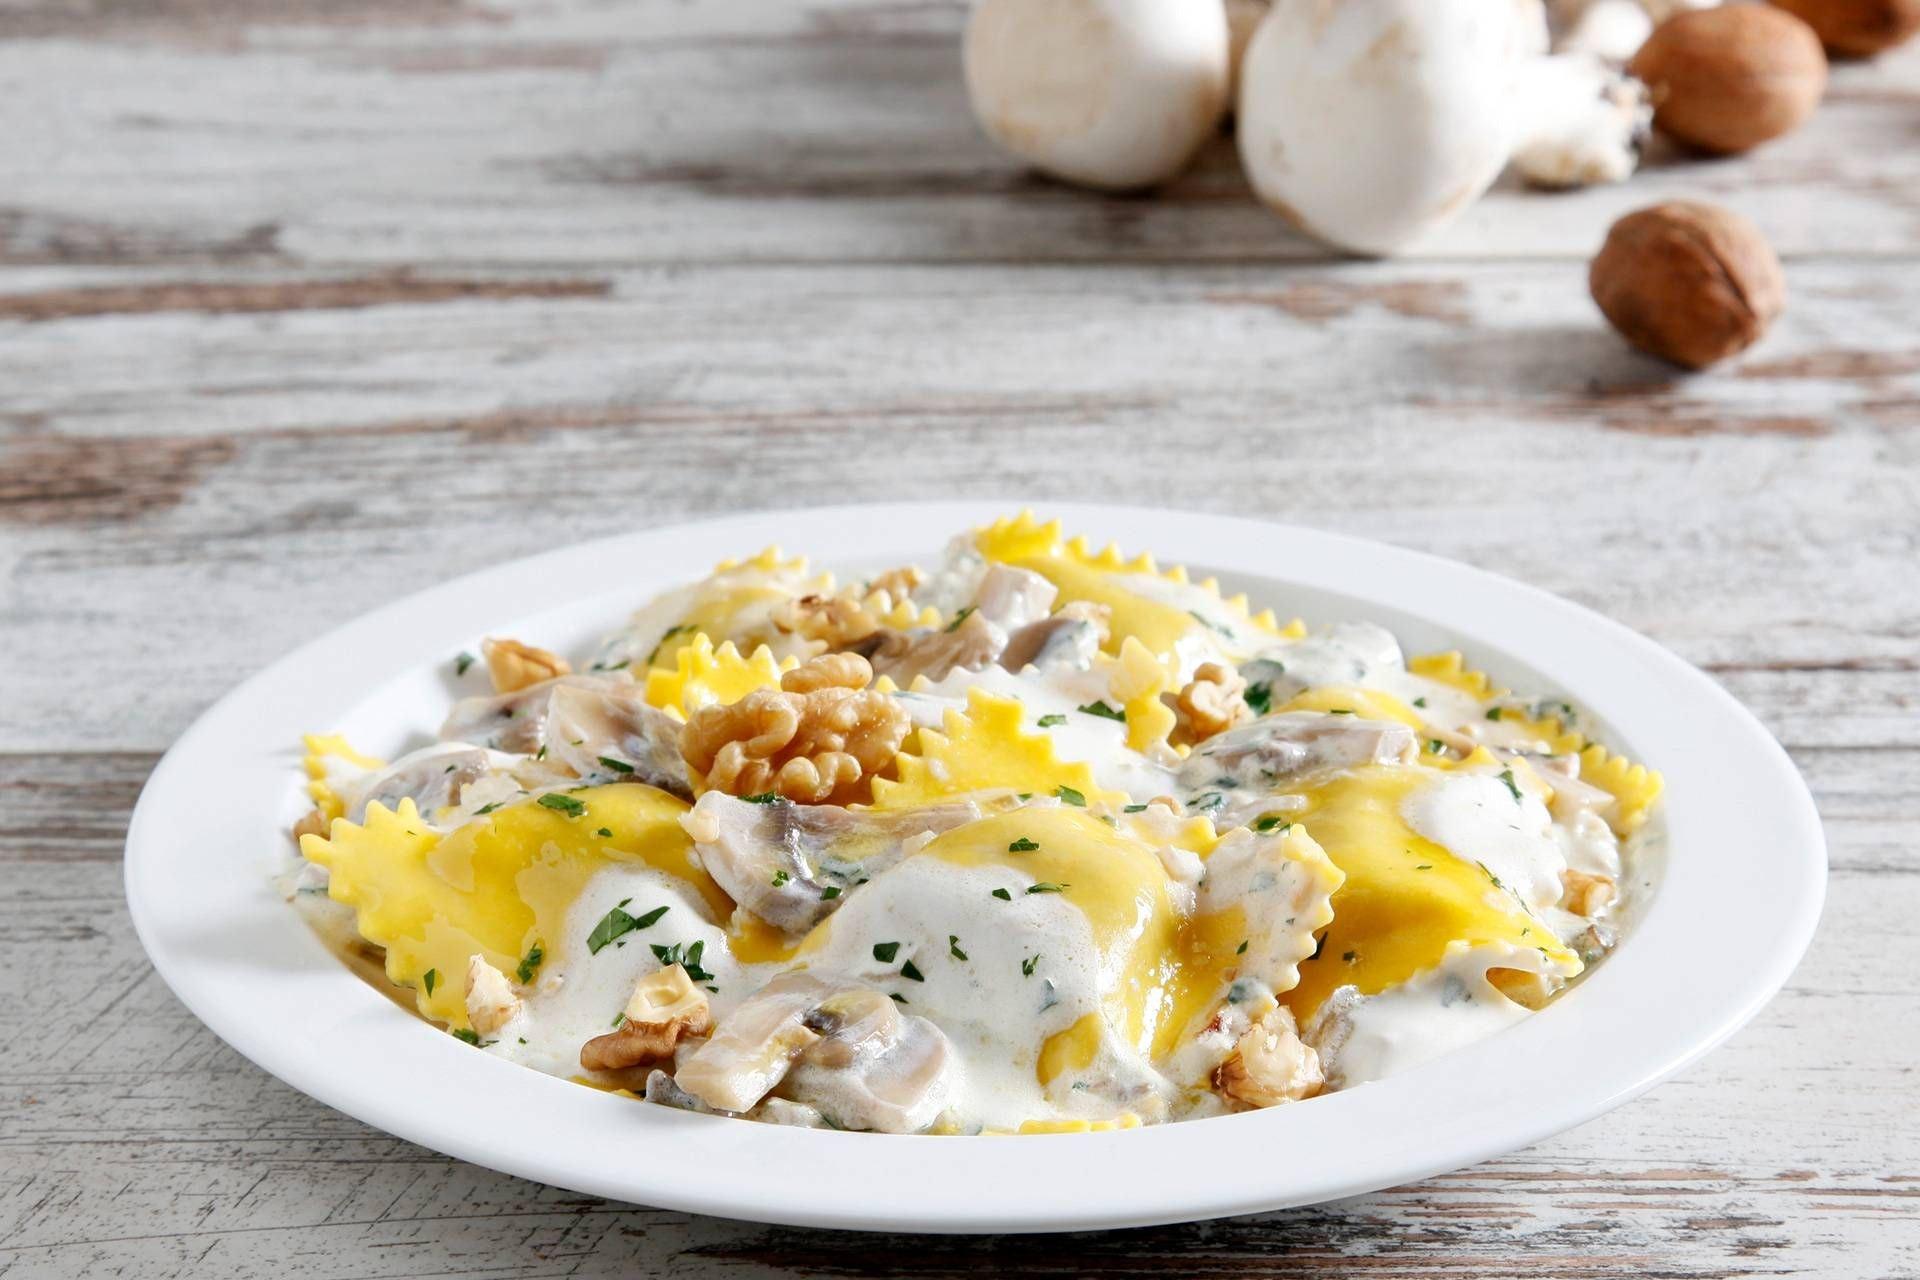 Ravioli con funghi - Parmalat